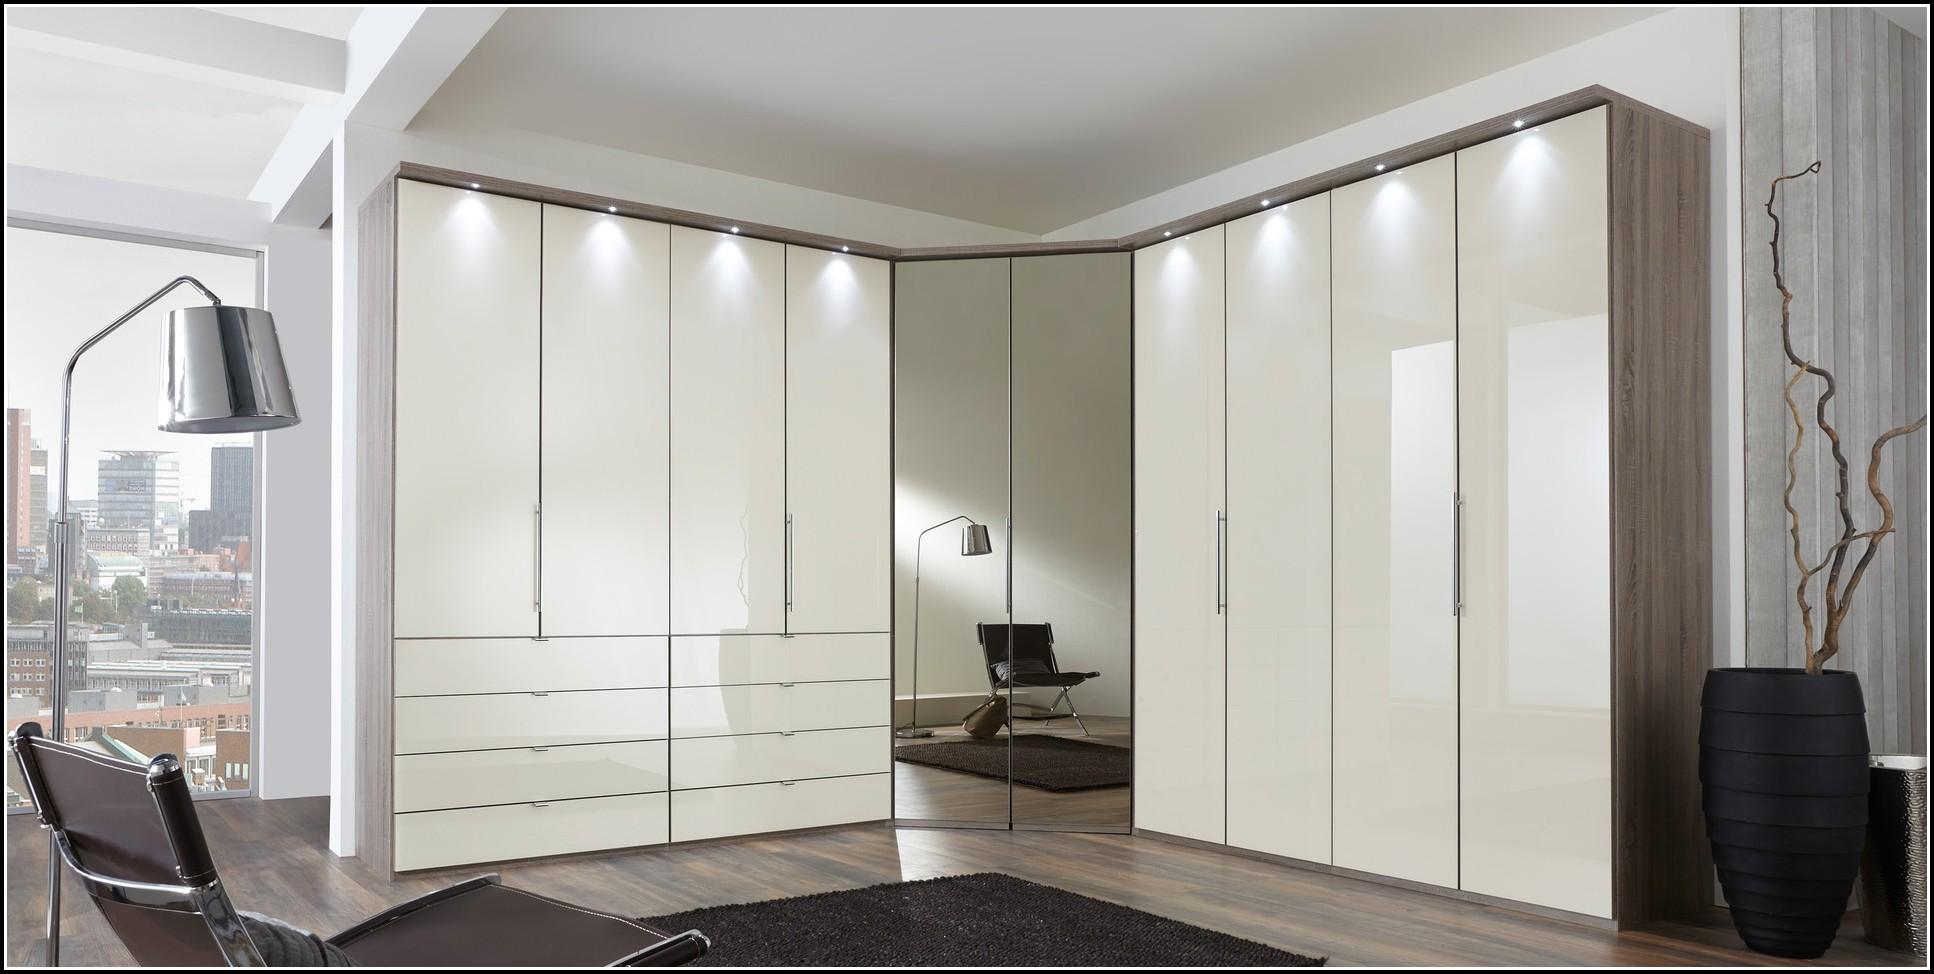 Komplett Schlafzimmer Mit Eckschrank - schlafzimmer : House und ...